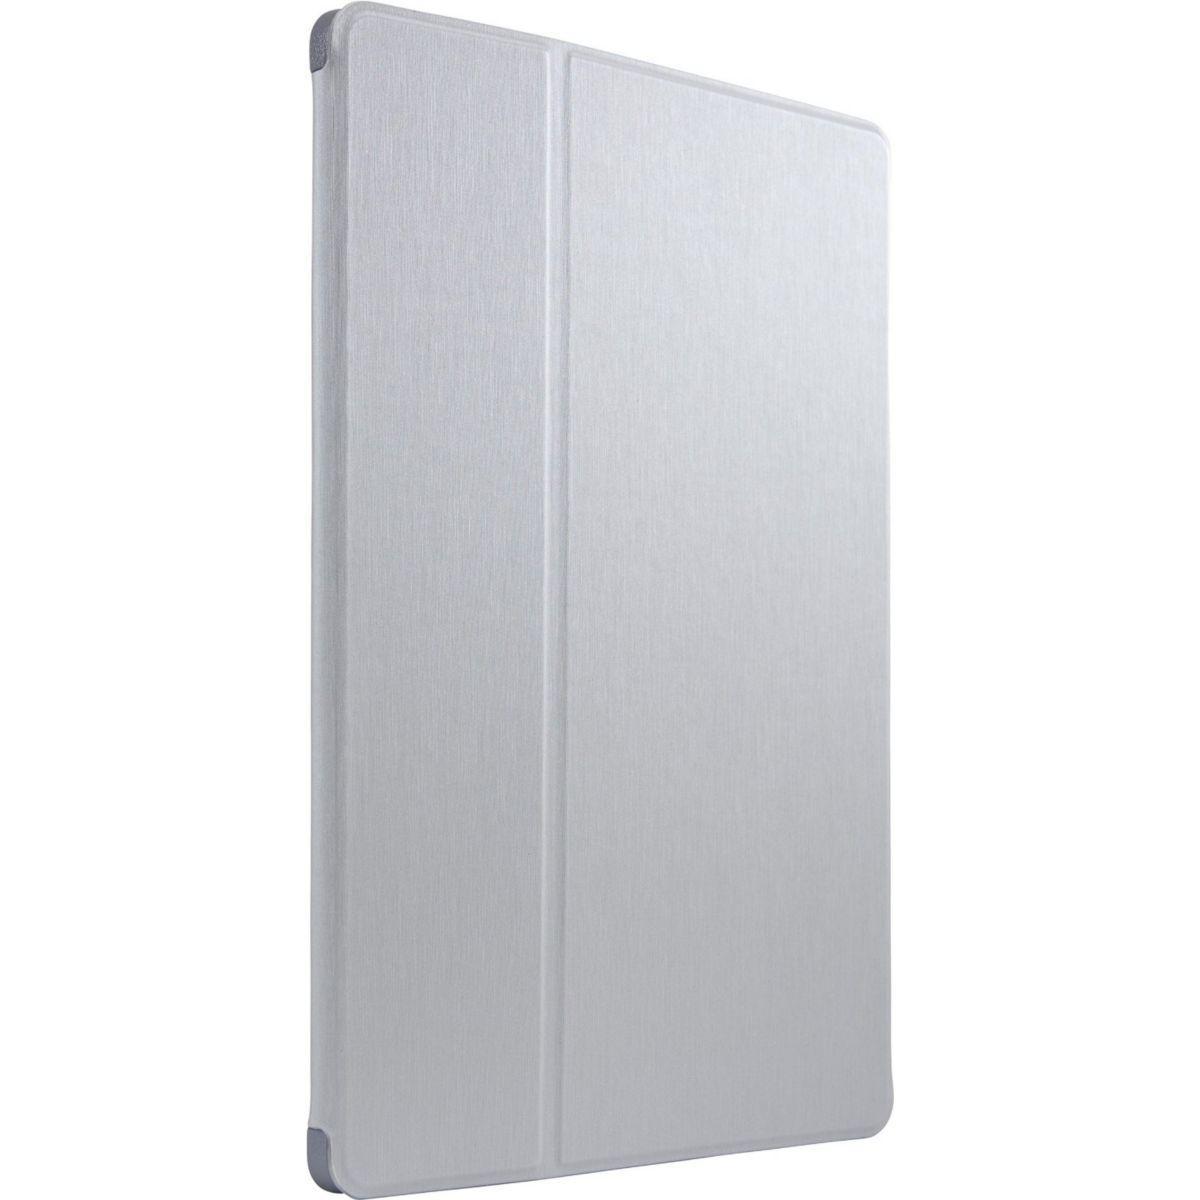 Etui tablette caselogic porte-folio ipad air 2 gris alu (photo)